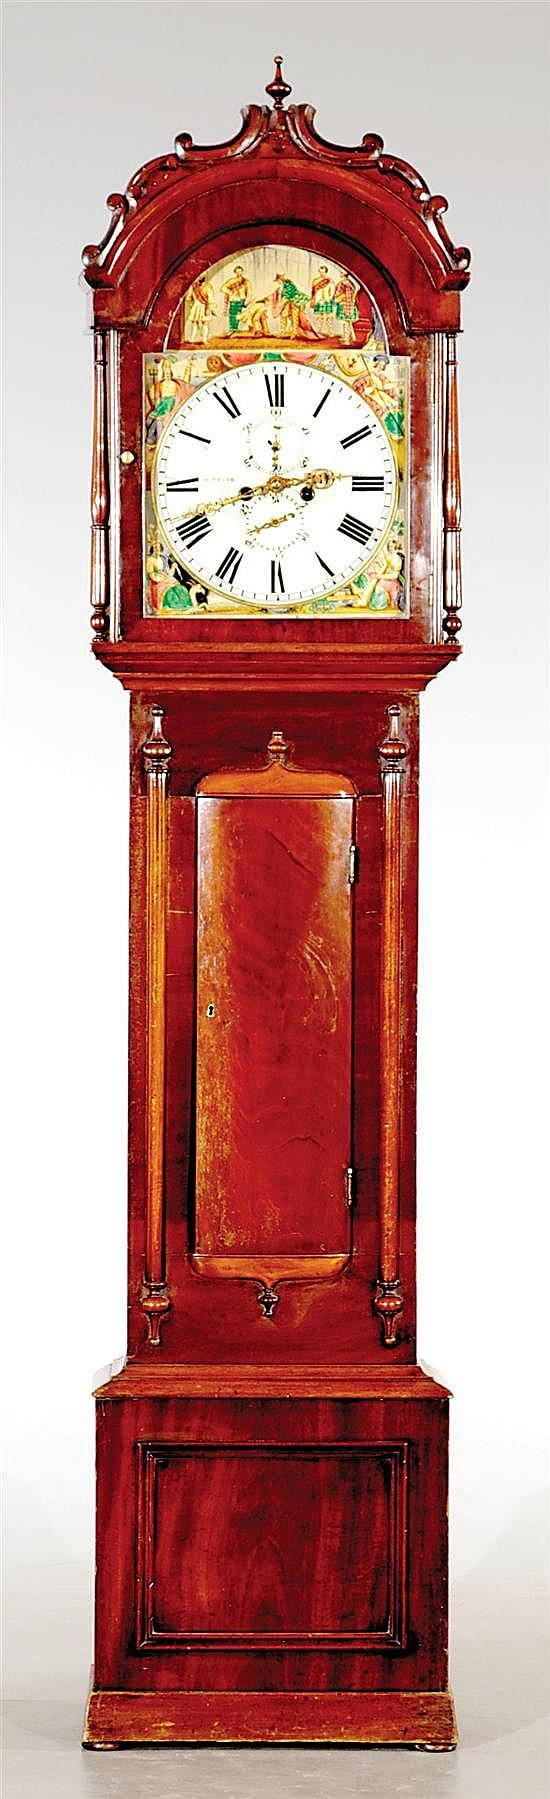 English Regency mahogany tall clock